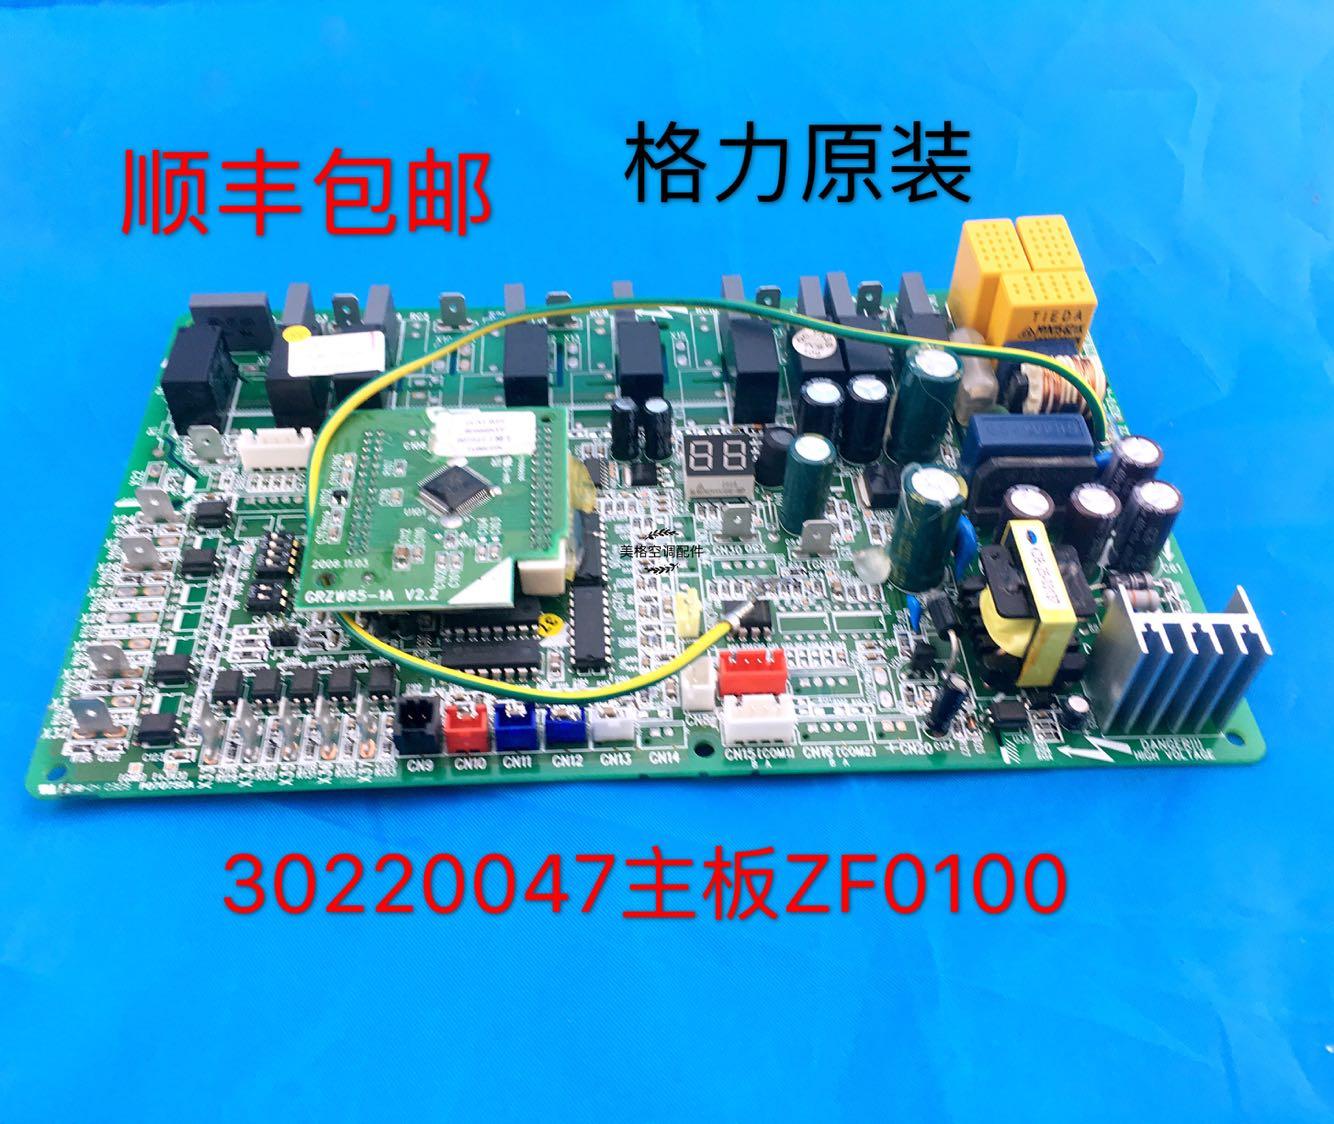 geli levegő is vízmelegítő áramköri ZF0100 3022004730220051 alaplap